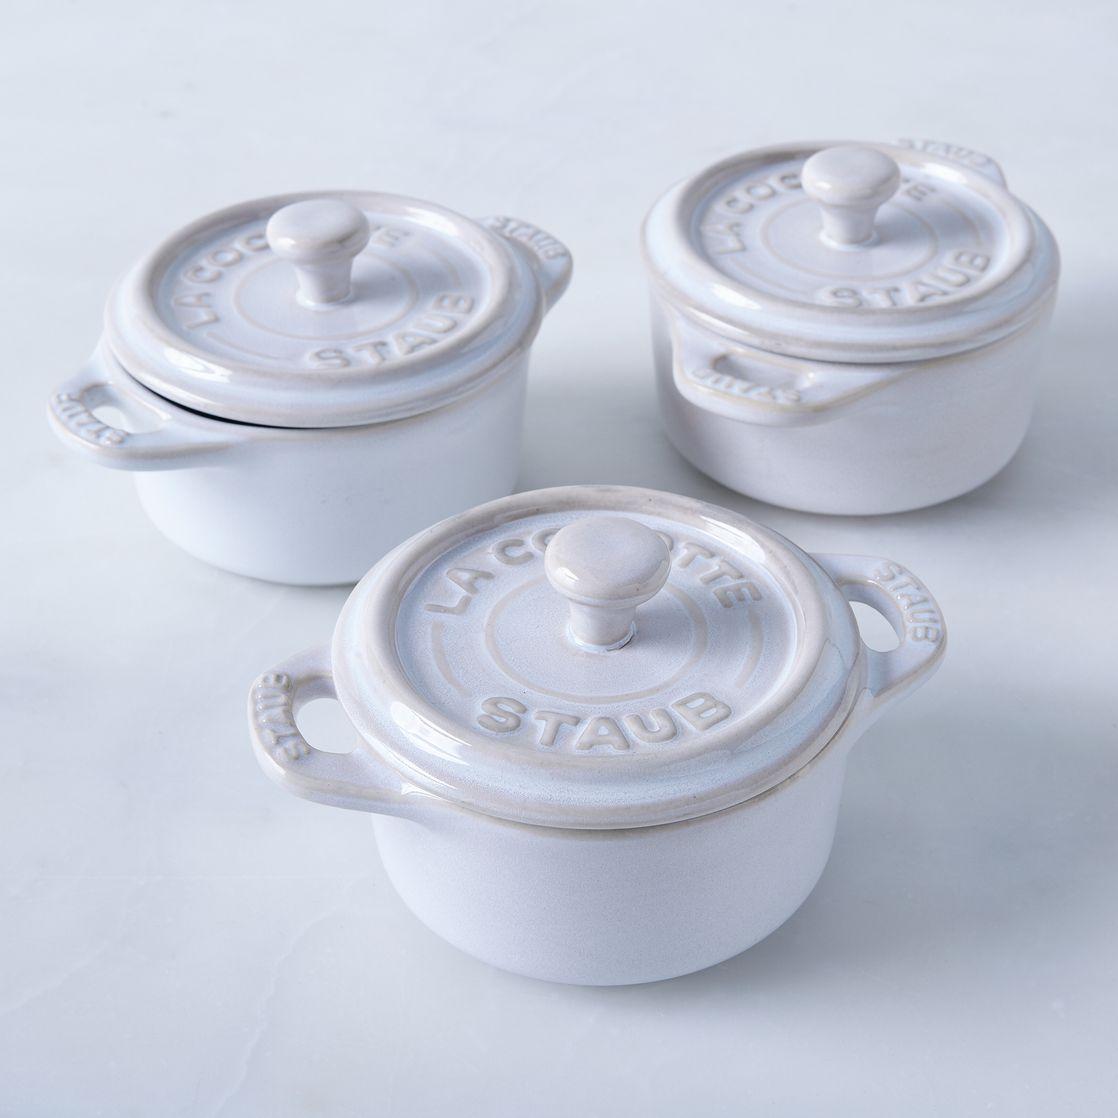 Staub Ivory Rustic Ceramic Mini Round Cocottes Set Of 3 Rustic Ceramics Ceramics Staub